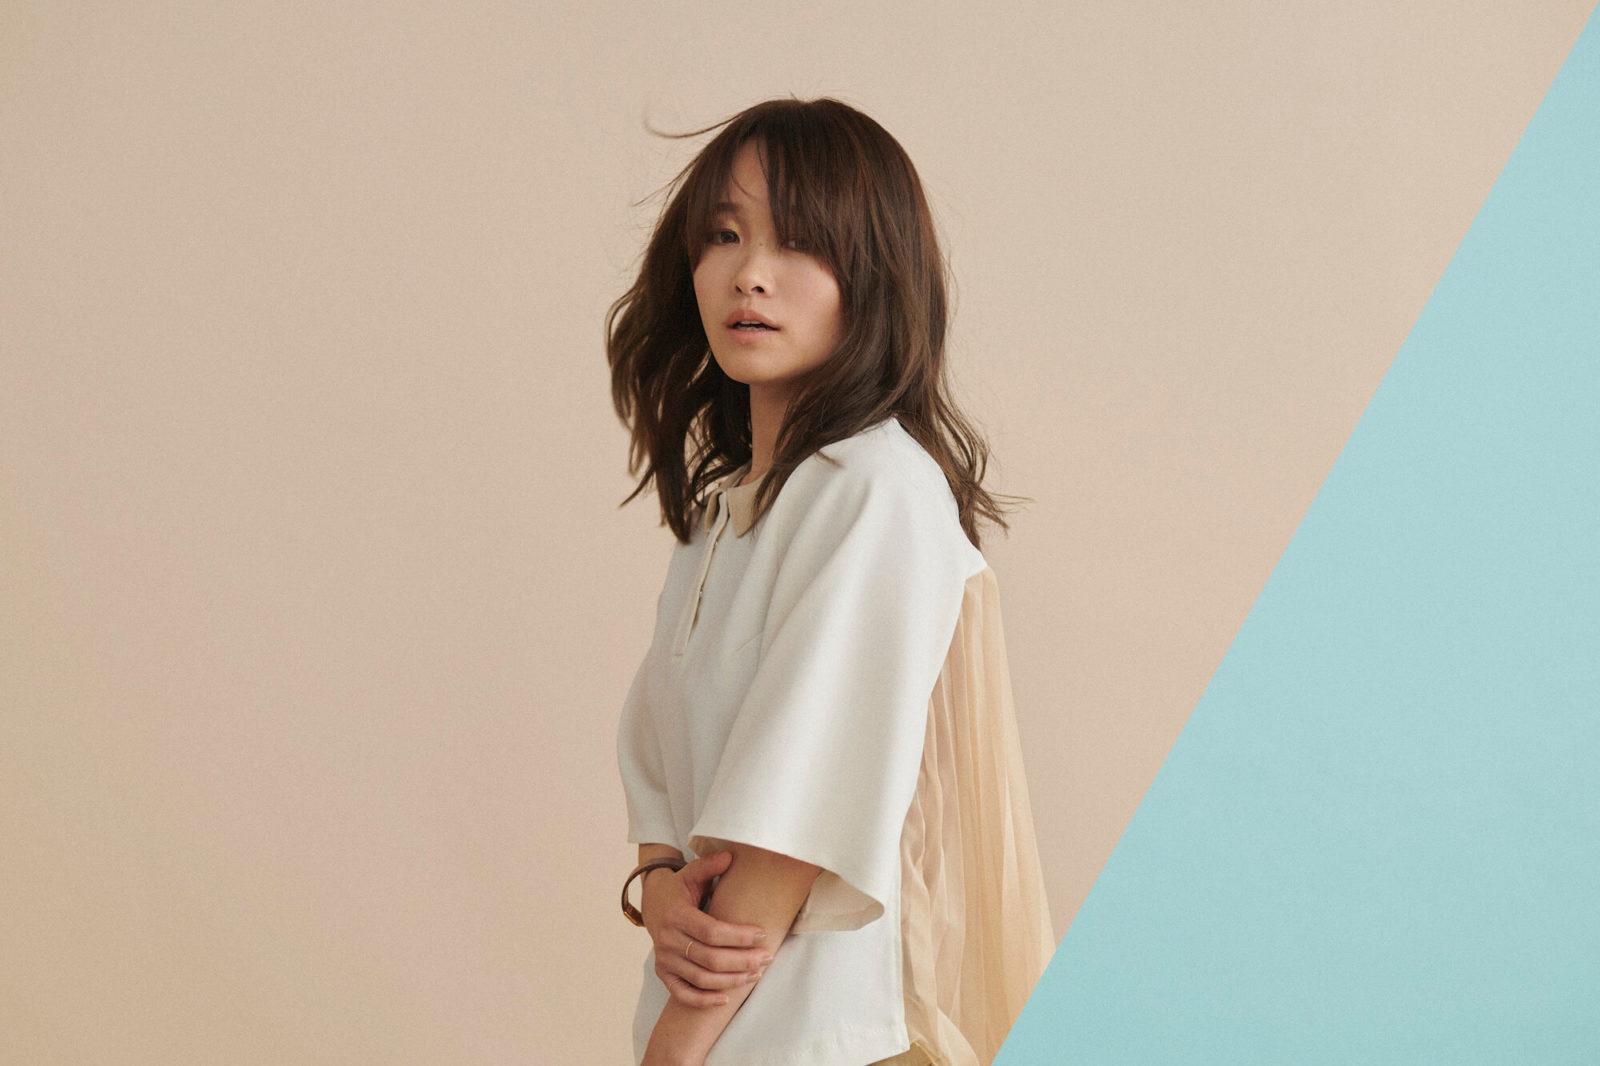 NakamuraEmi メジャー4thアルバム「NIPPONNO ONNAWO UTAU Vol.6」のビジュアルを公開サムネイル画像